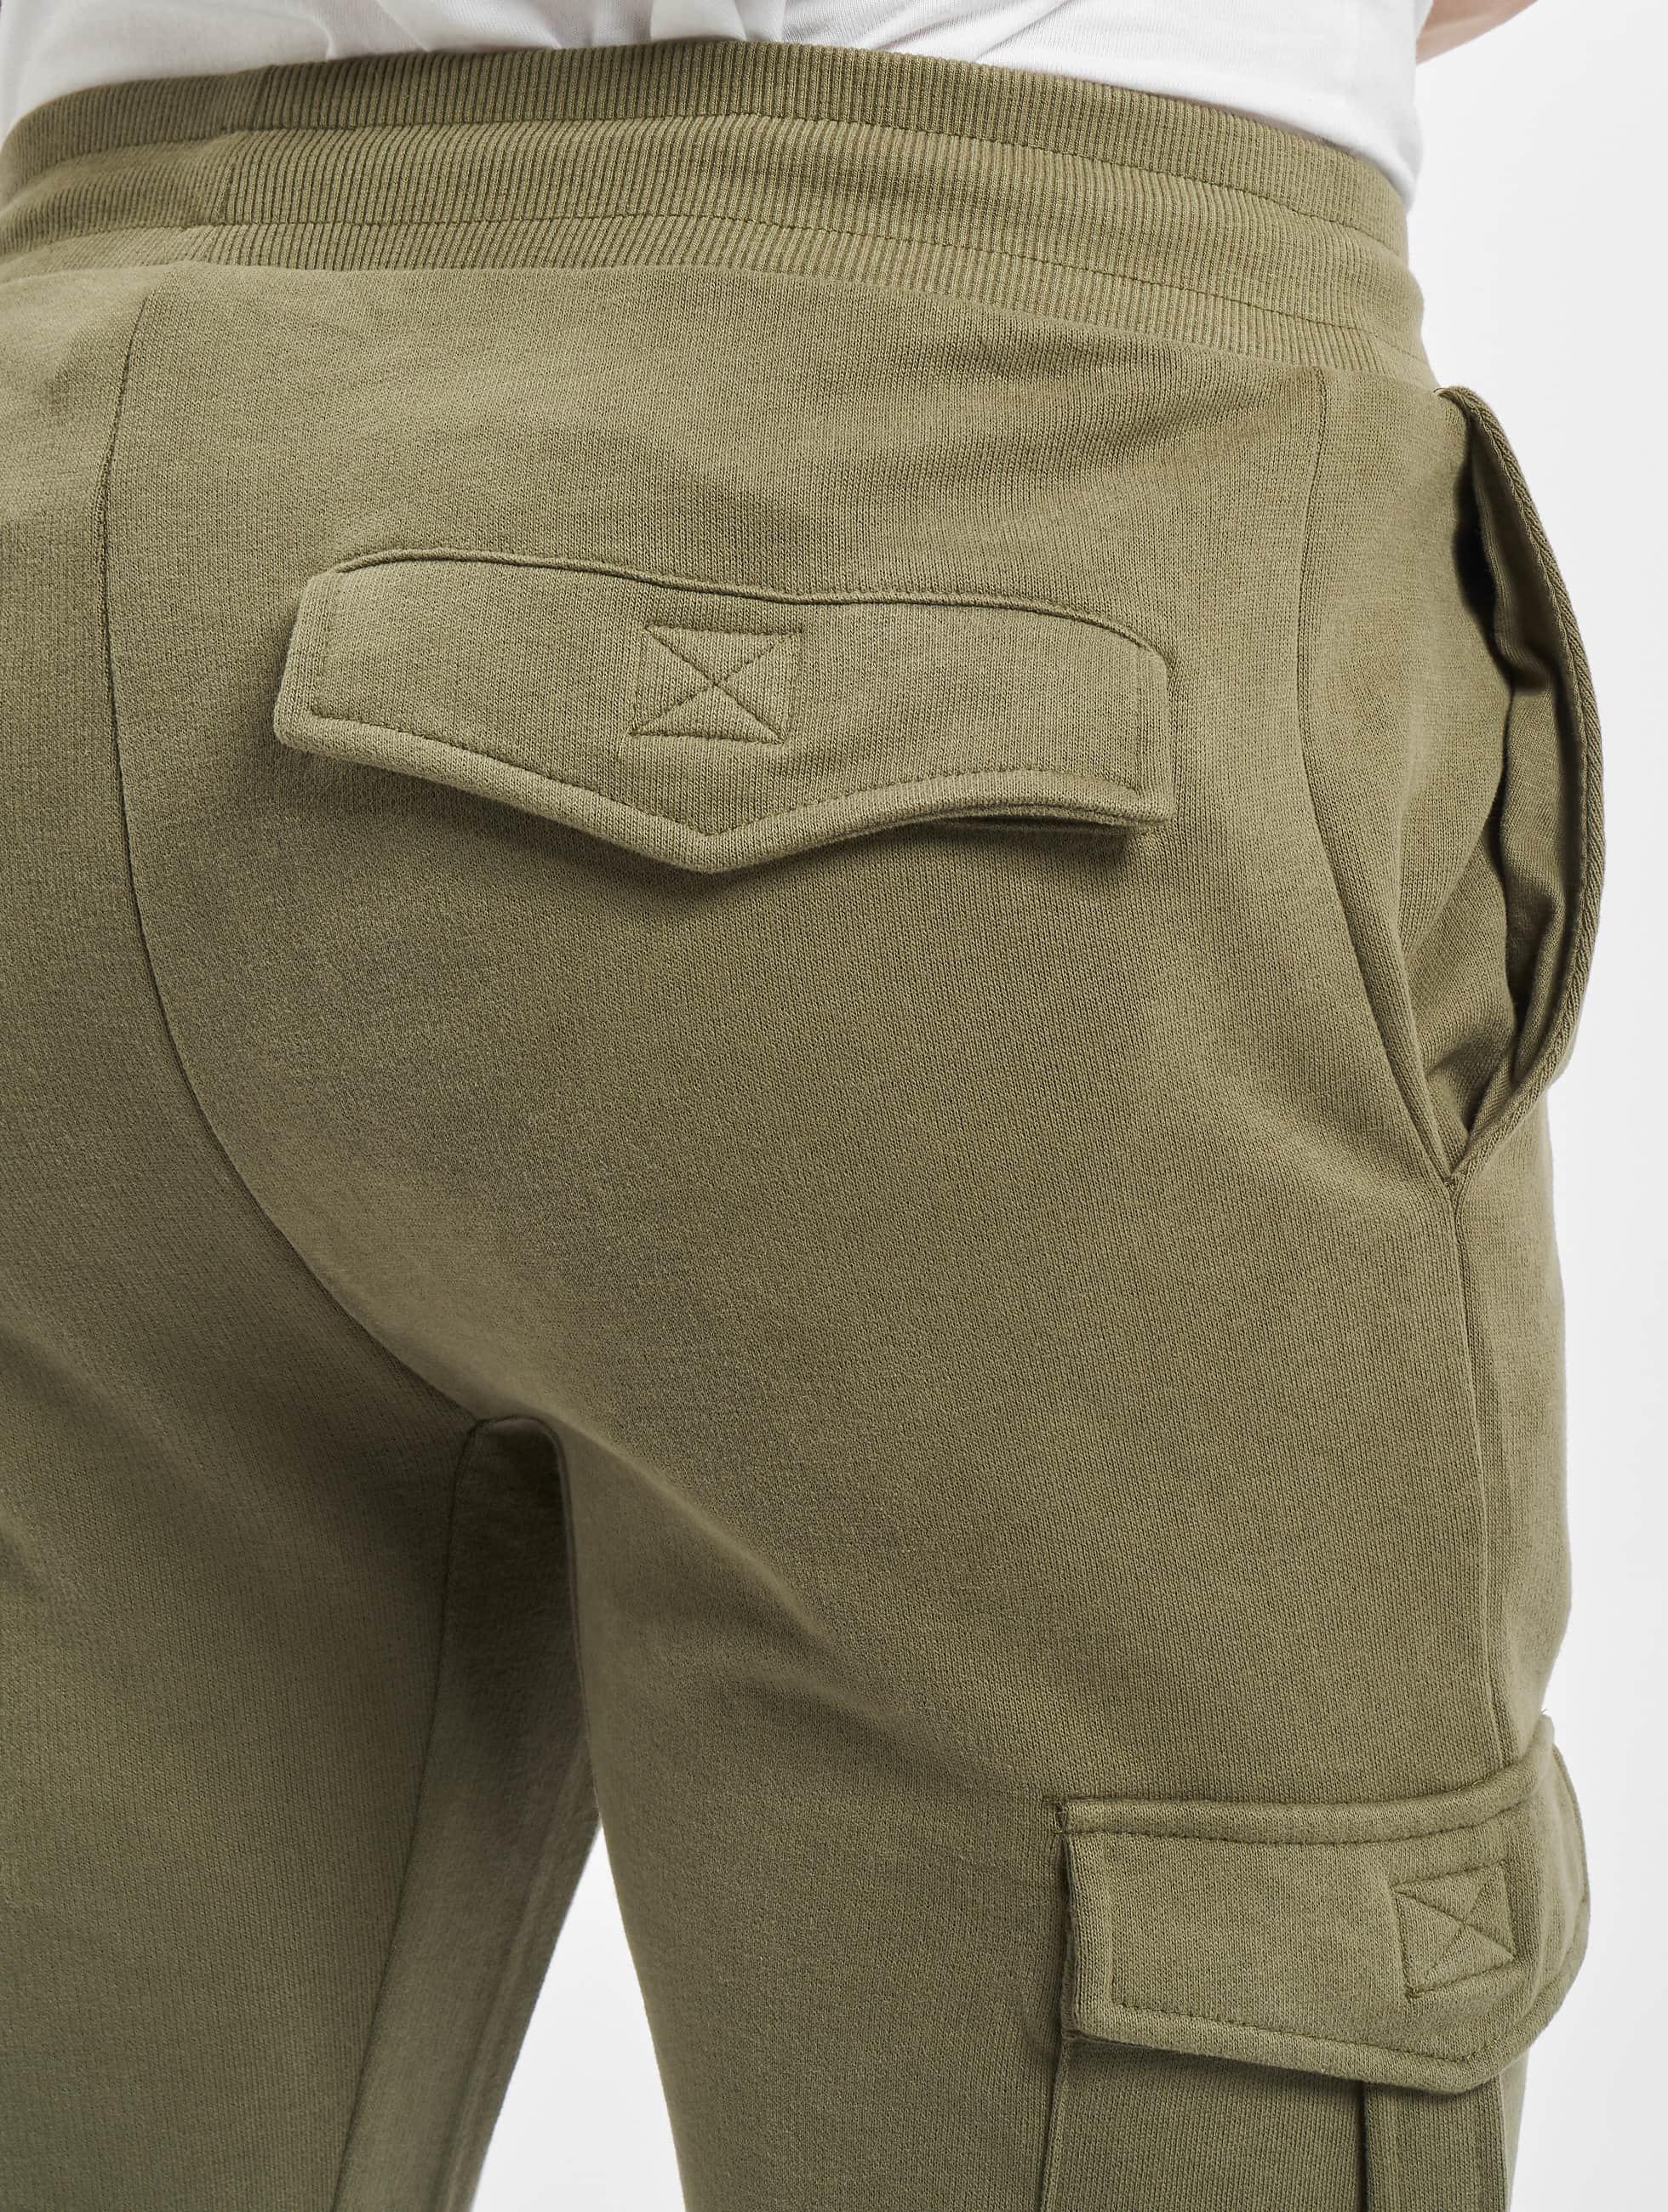 Urban Classics Spodnie do joggingu Fitted Cargo oliwkowy